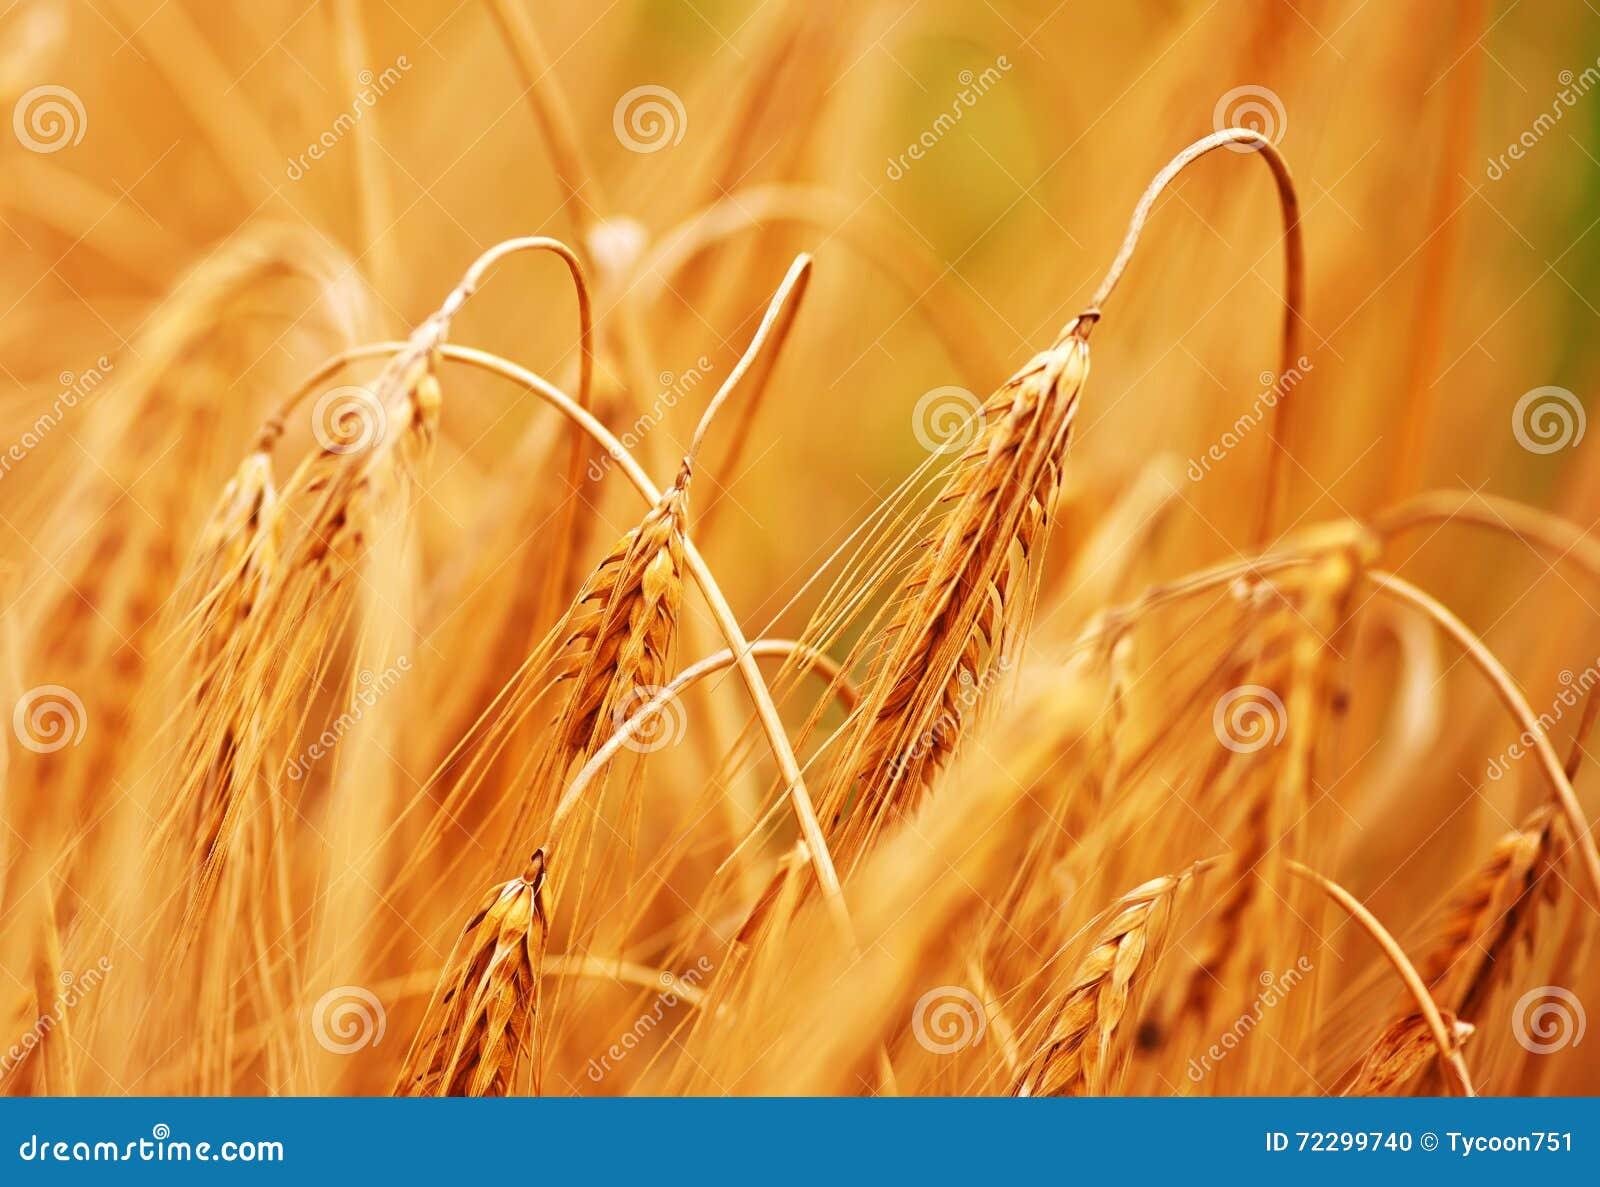 Download Пшеница стоковое фото. изображение насчитывающей никто - 72299740